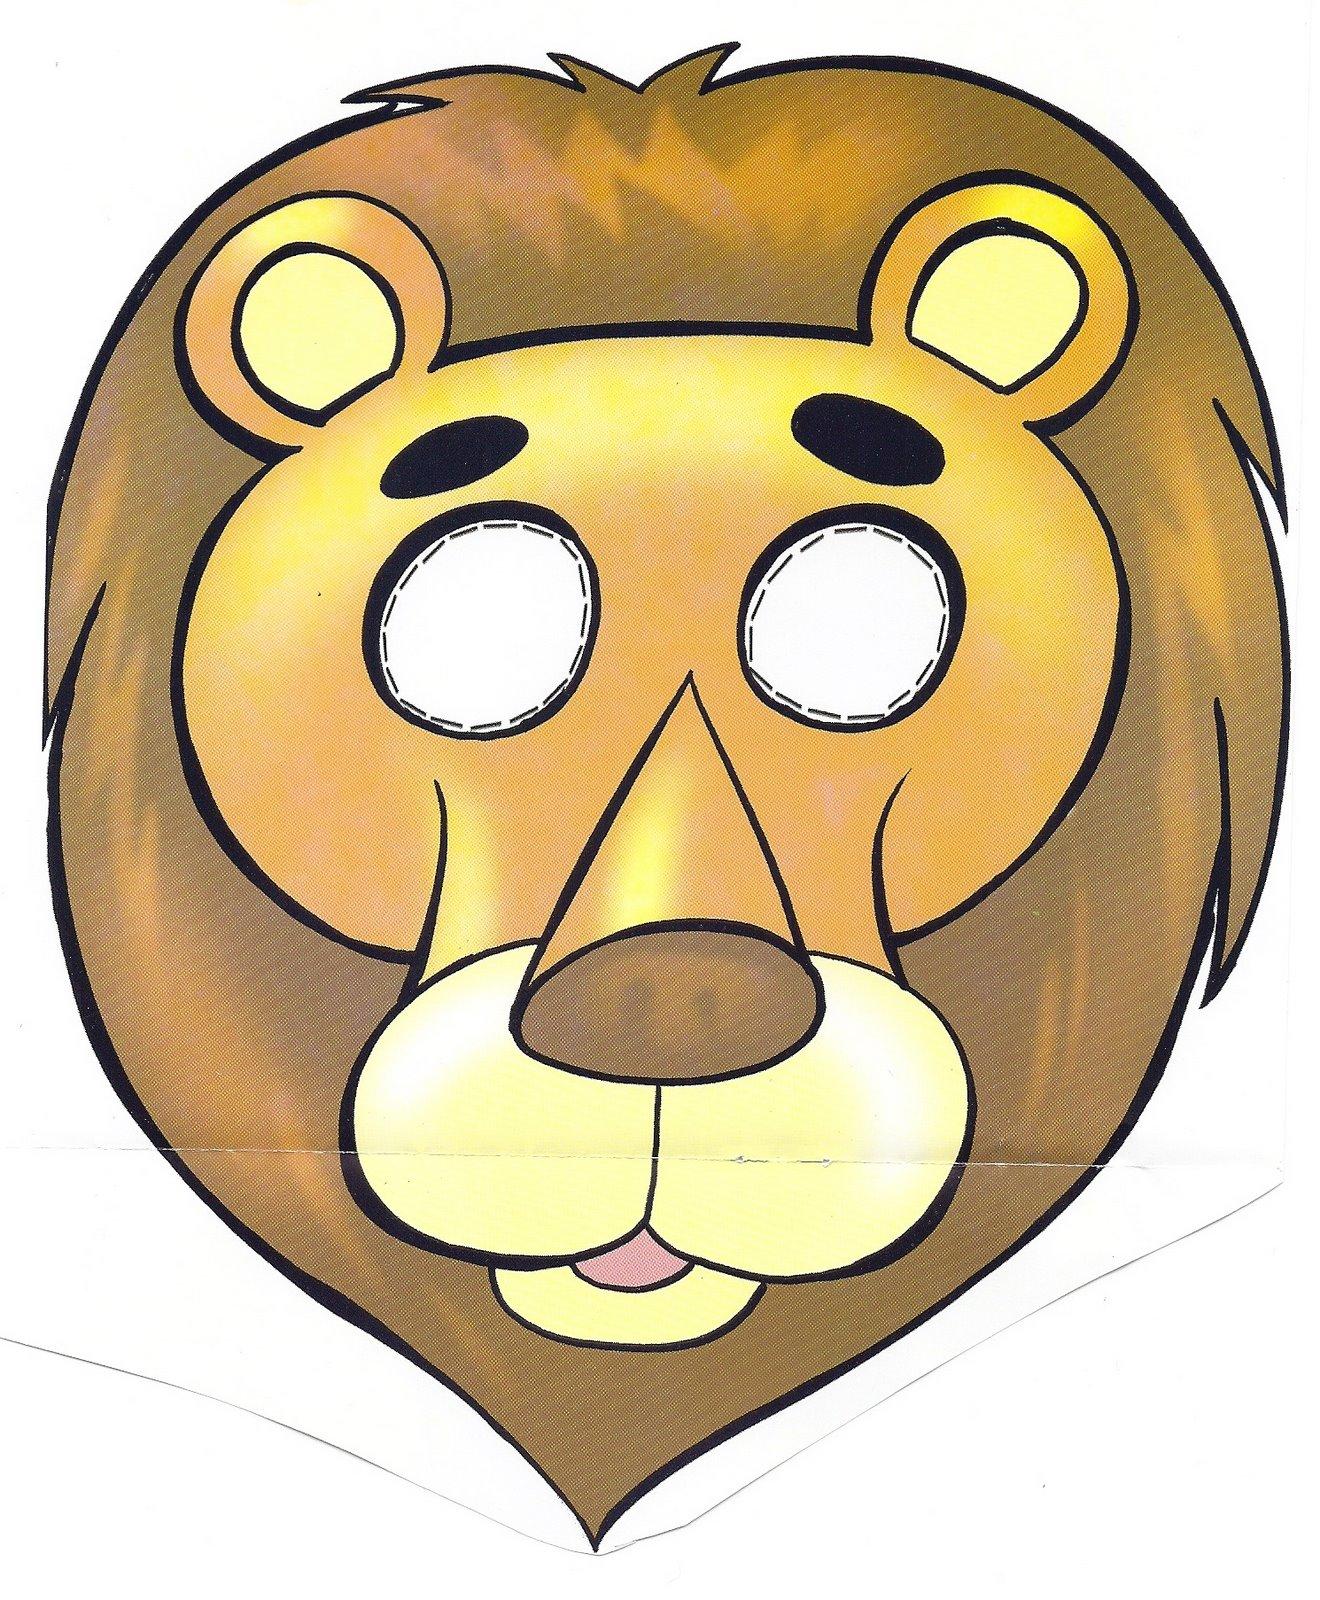 Máscara / careta de un león 3. Manualidades a Raudales.